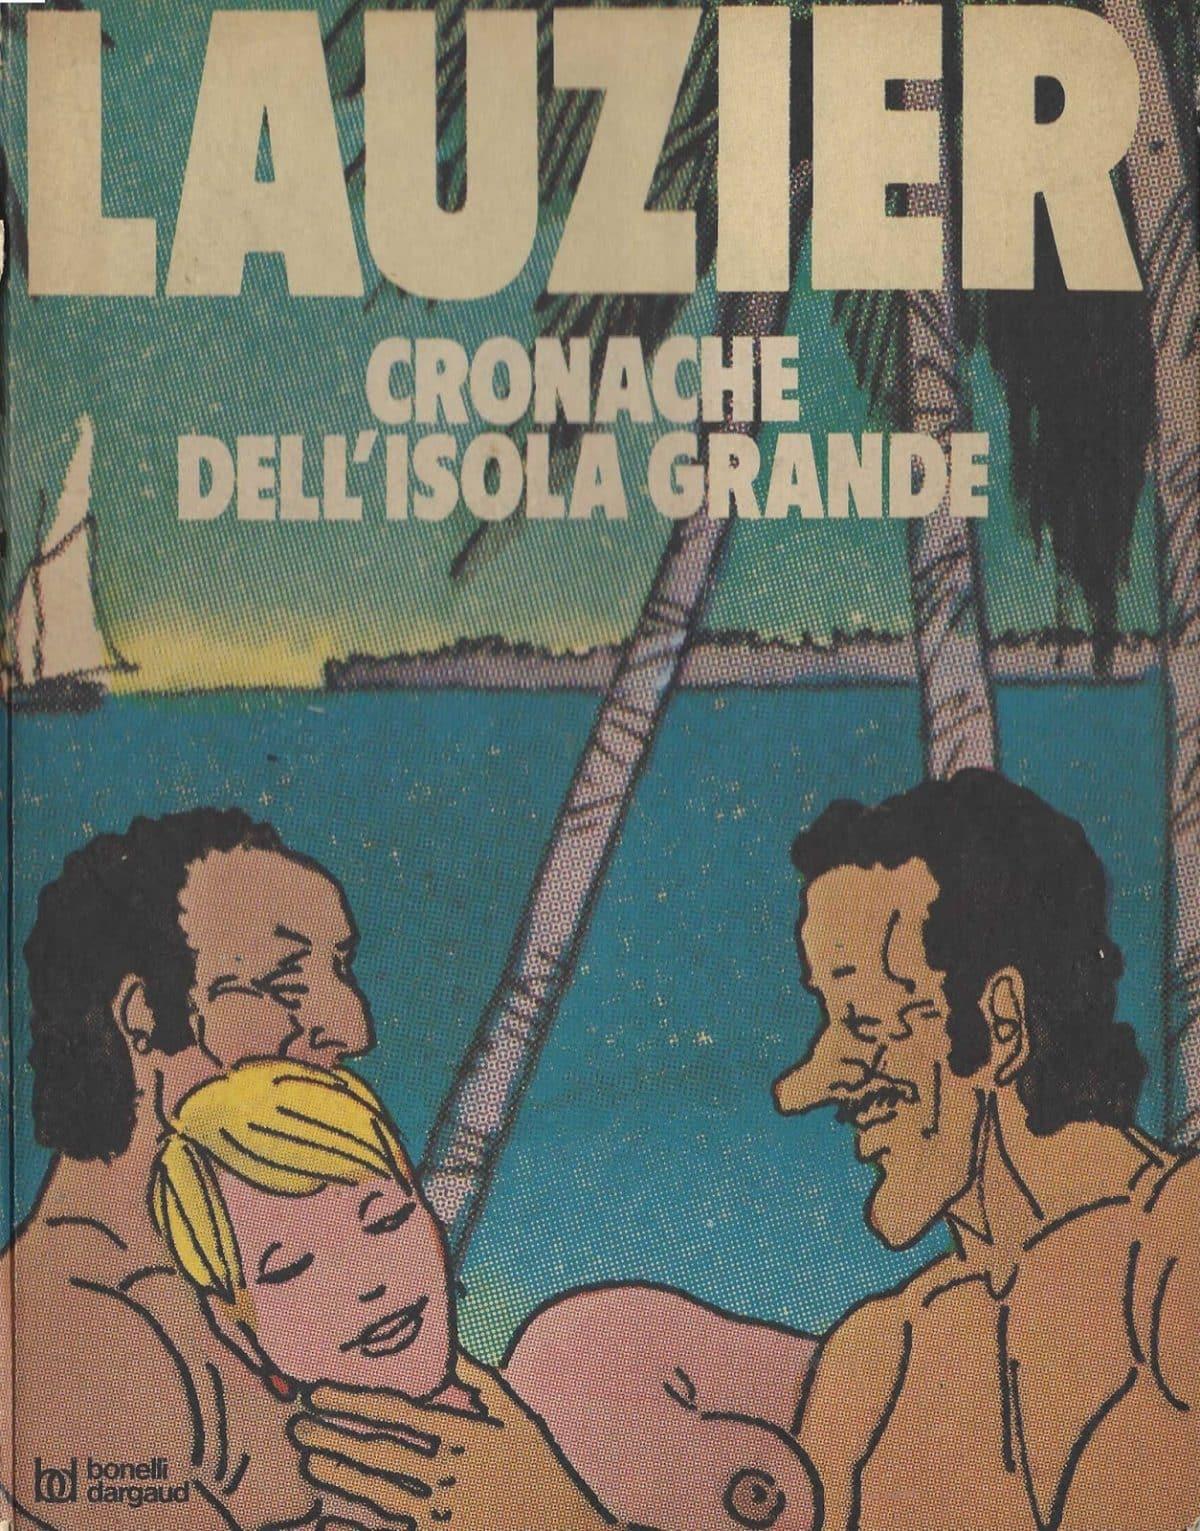 Gérard Lauzier – Cronache dell'Isola grande